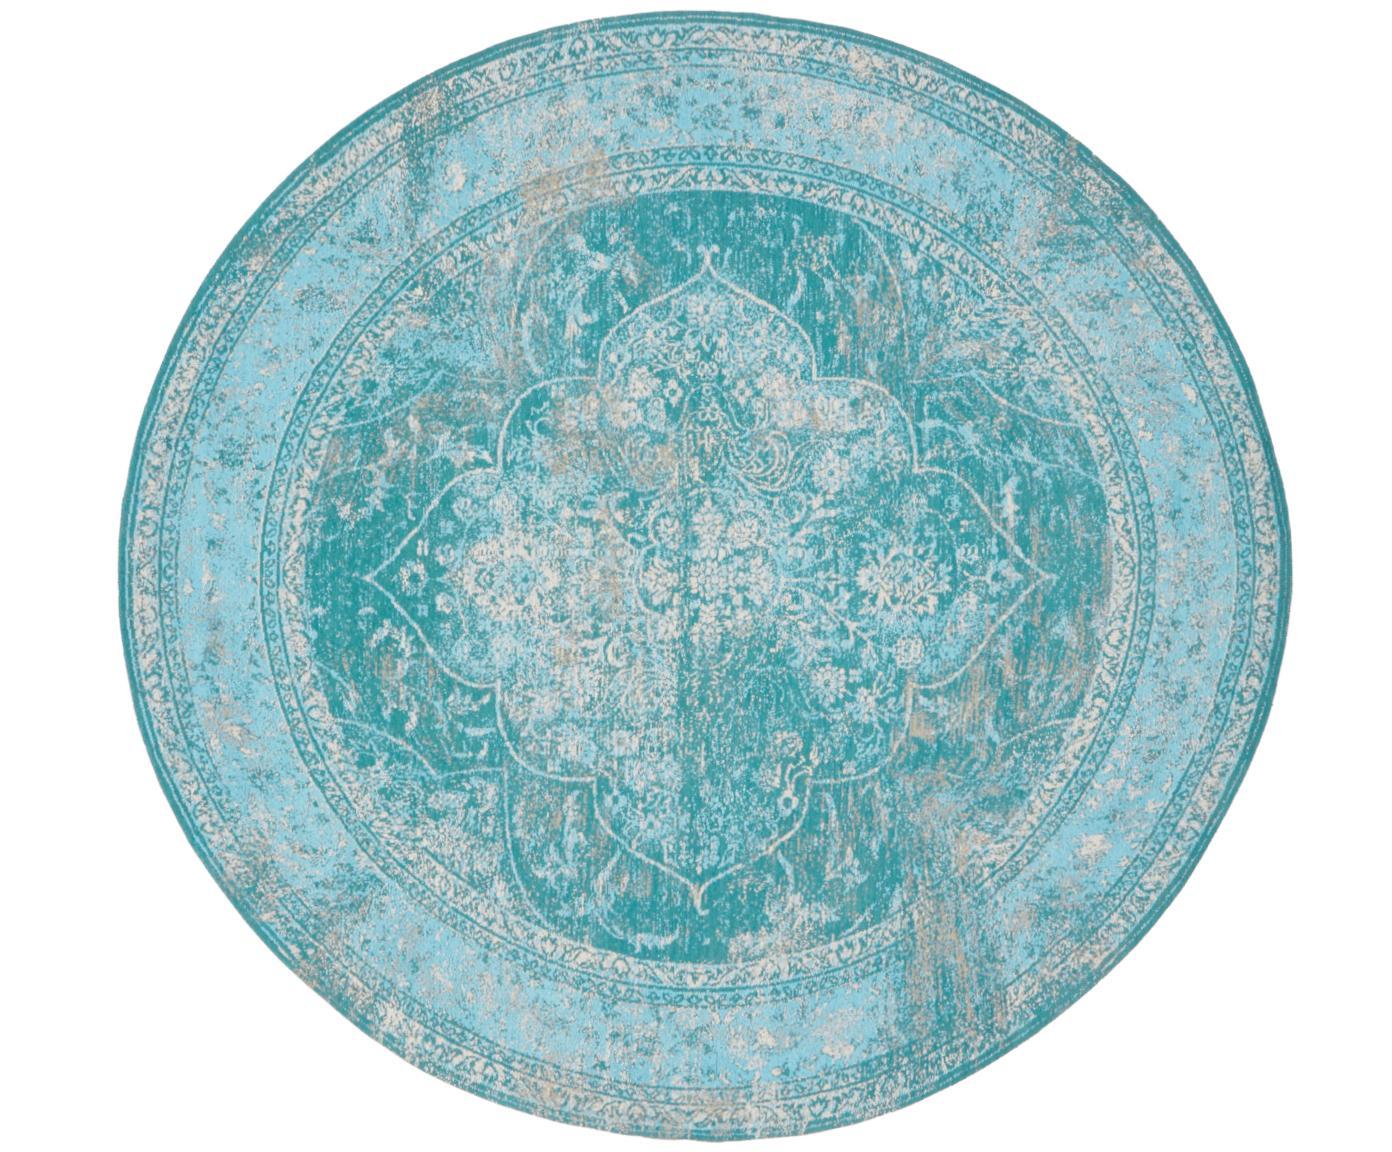 Okrągły dywan szenilowy Palermo, Turkusowy, jasny niebieski, kremowy, Ø 150 cm (Rozmiar M)